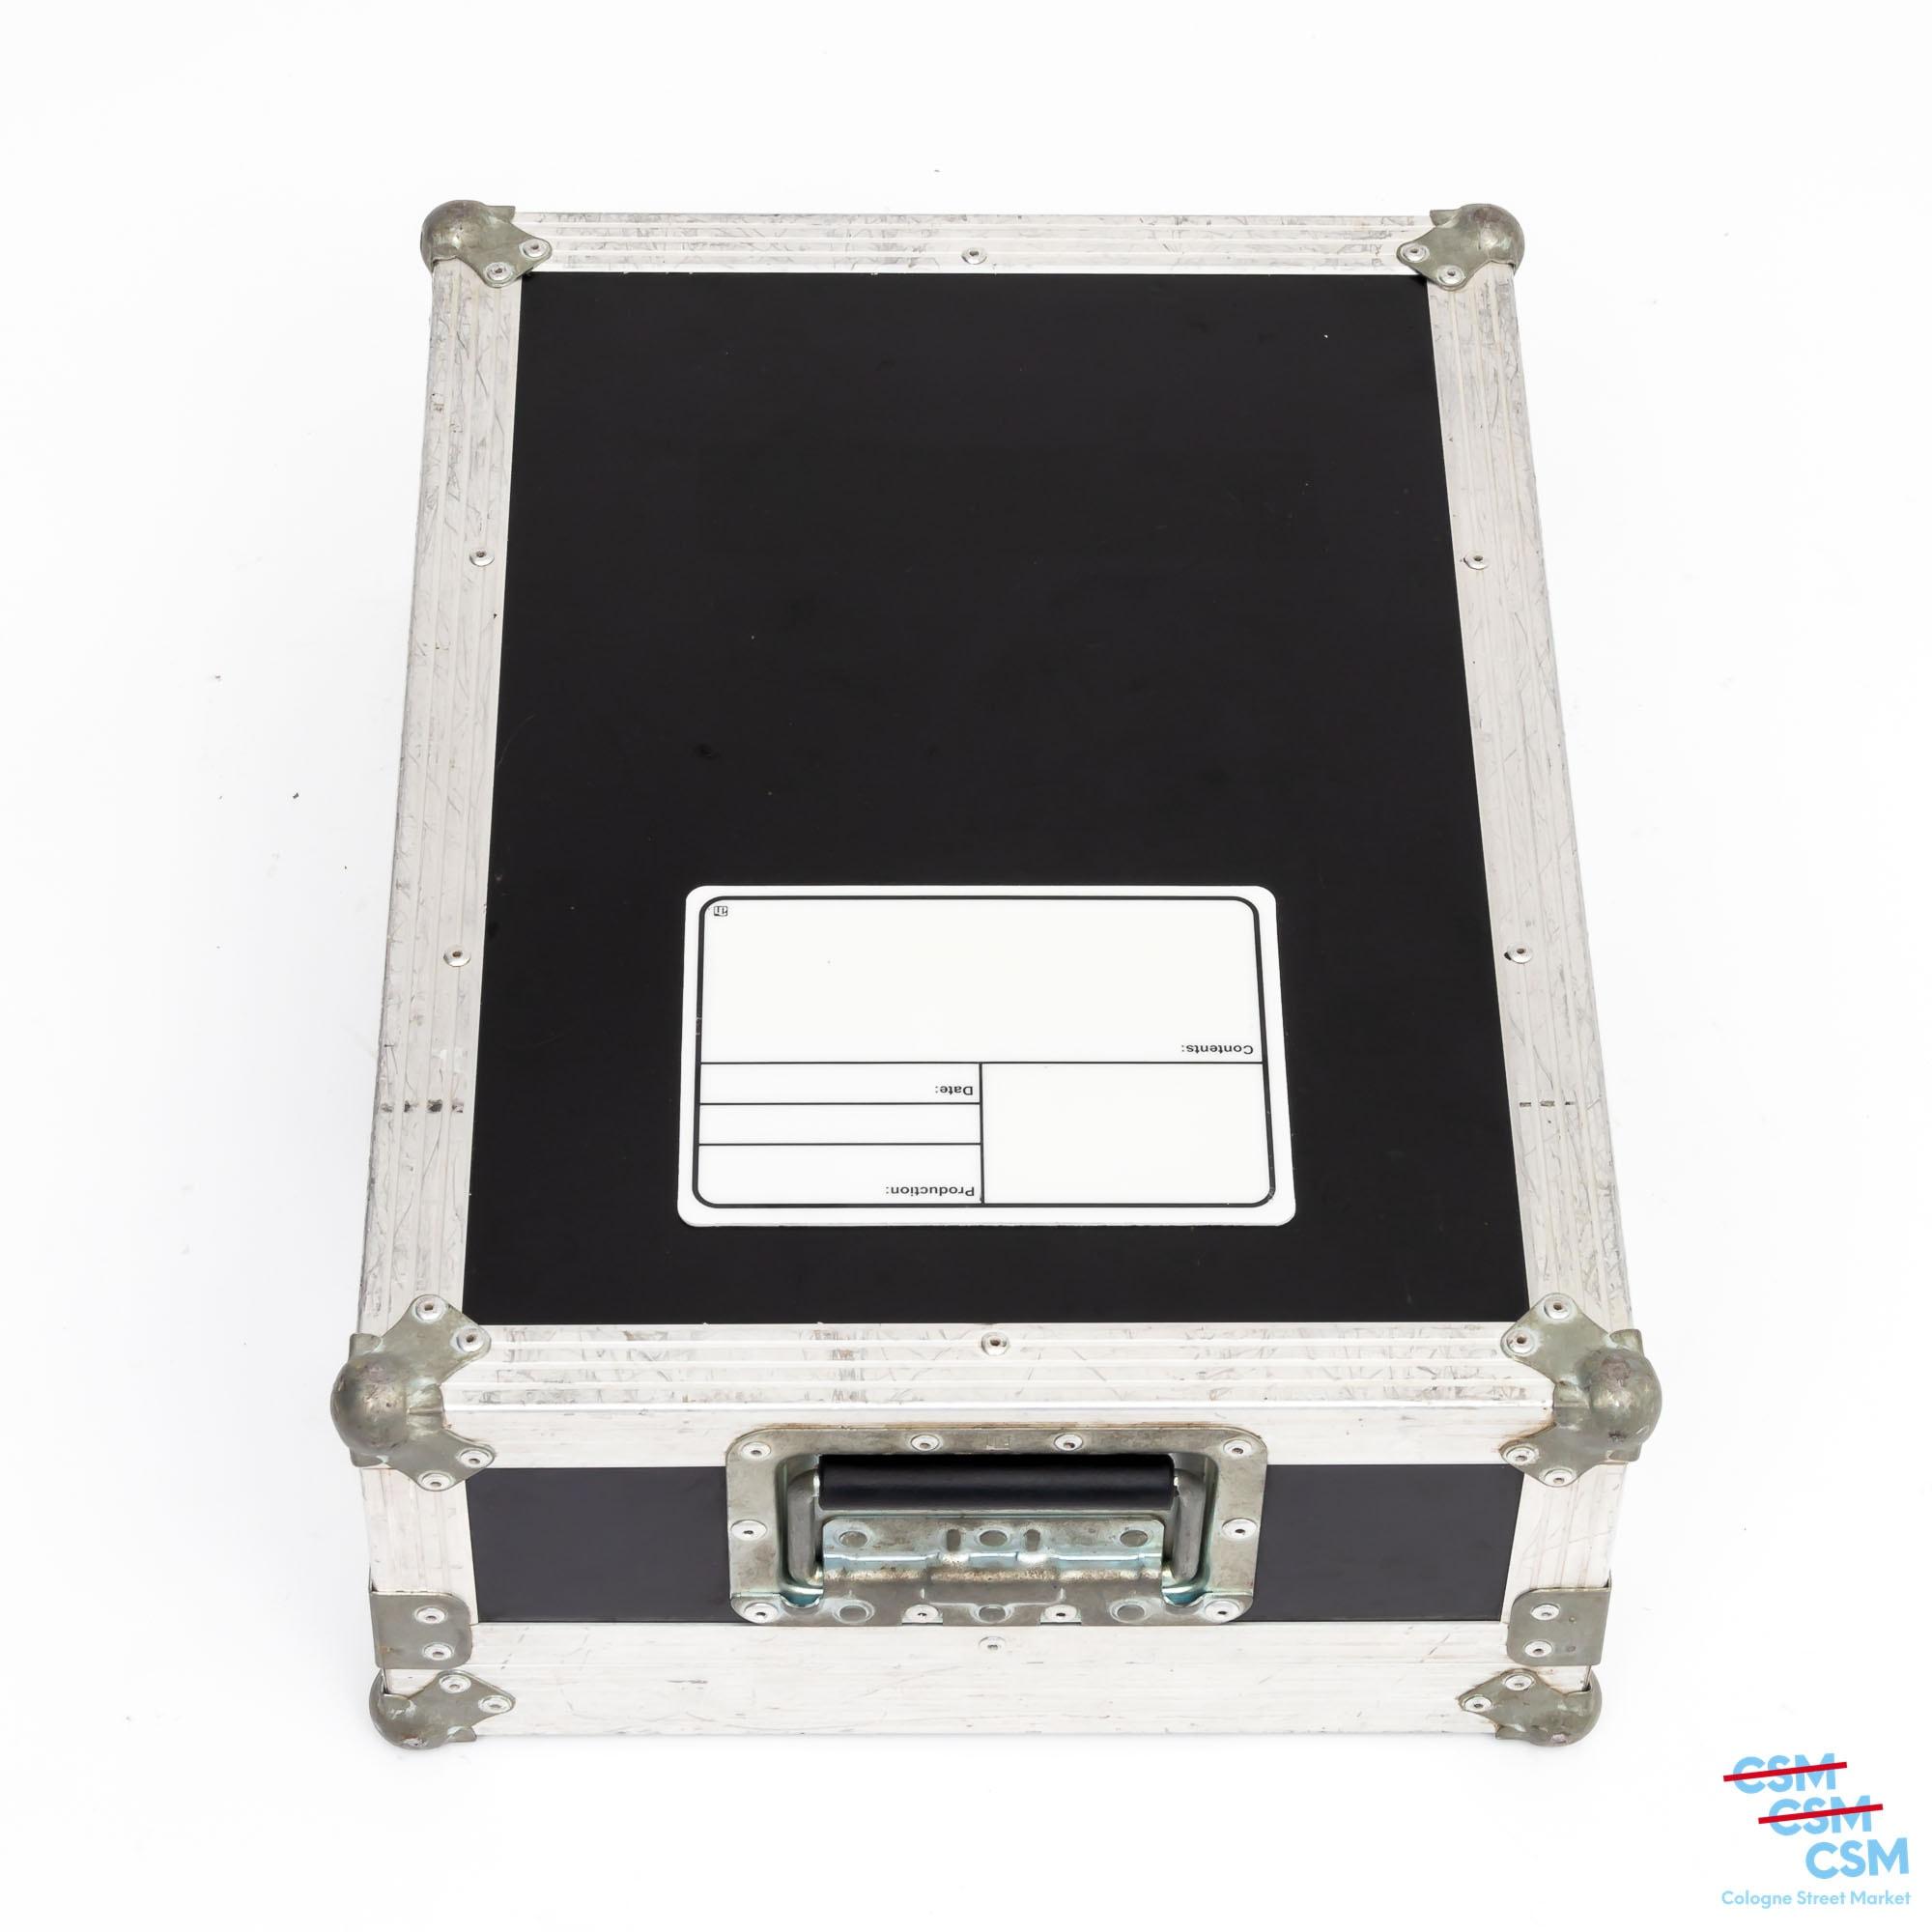 Flightcase Mixer universal gebraucht 2 1